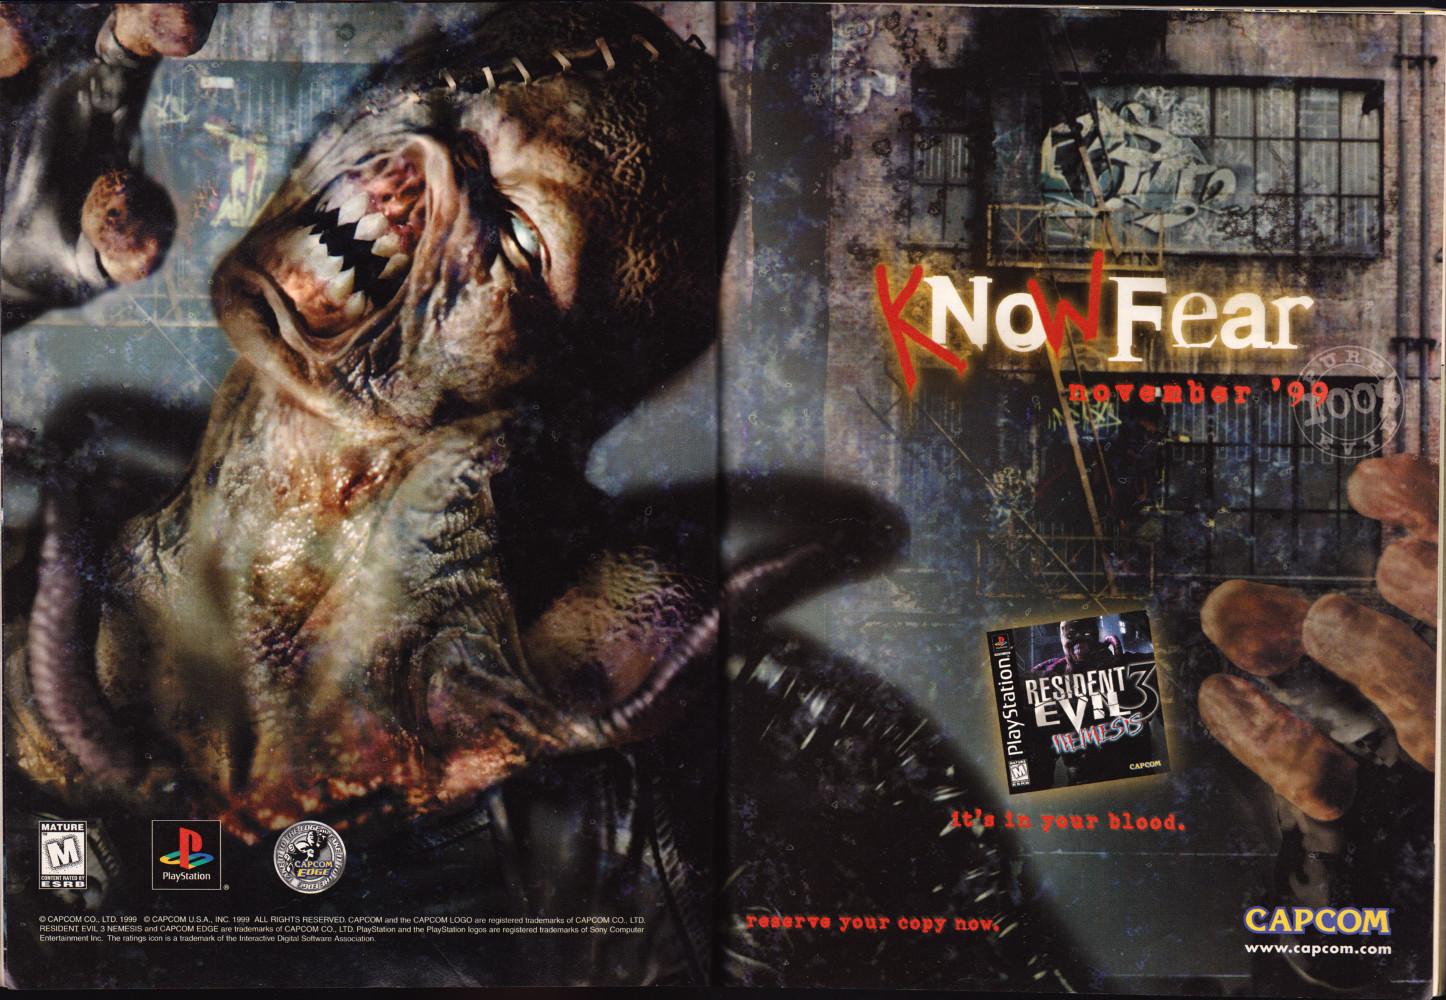 Resident Evil 3 Nemesis Wallpapers Video Game Hq Resident Evil